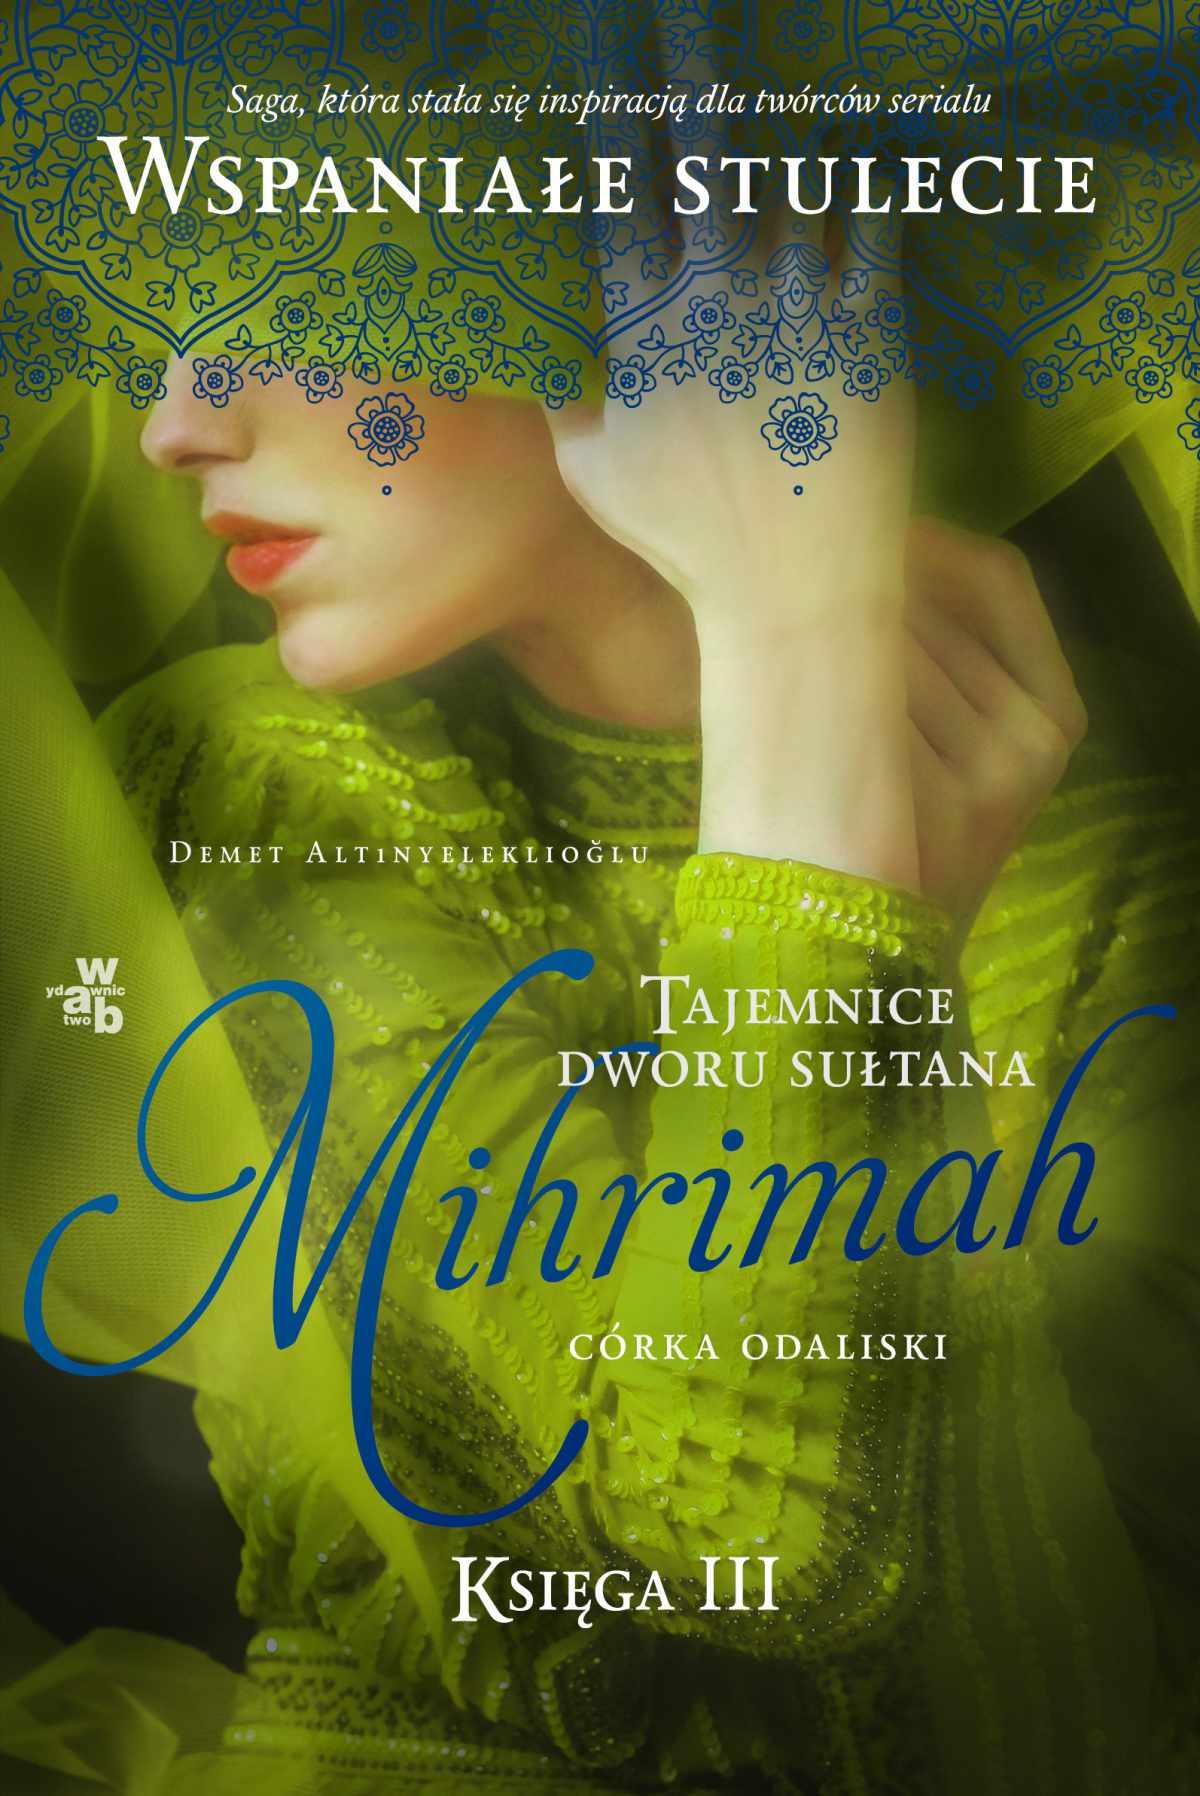 Tajemnice dworu sułtana. Mihrimah. Córka odaliski. Księga 3 - Ebook (Książka EPUB) do pobrania w formacie EPUB